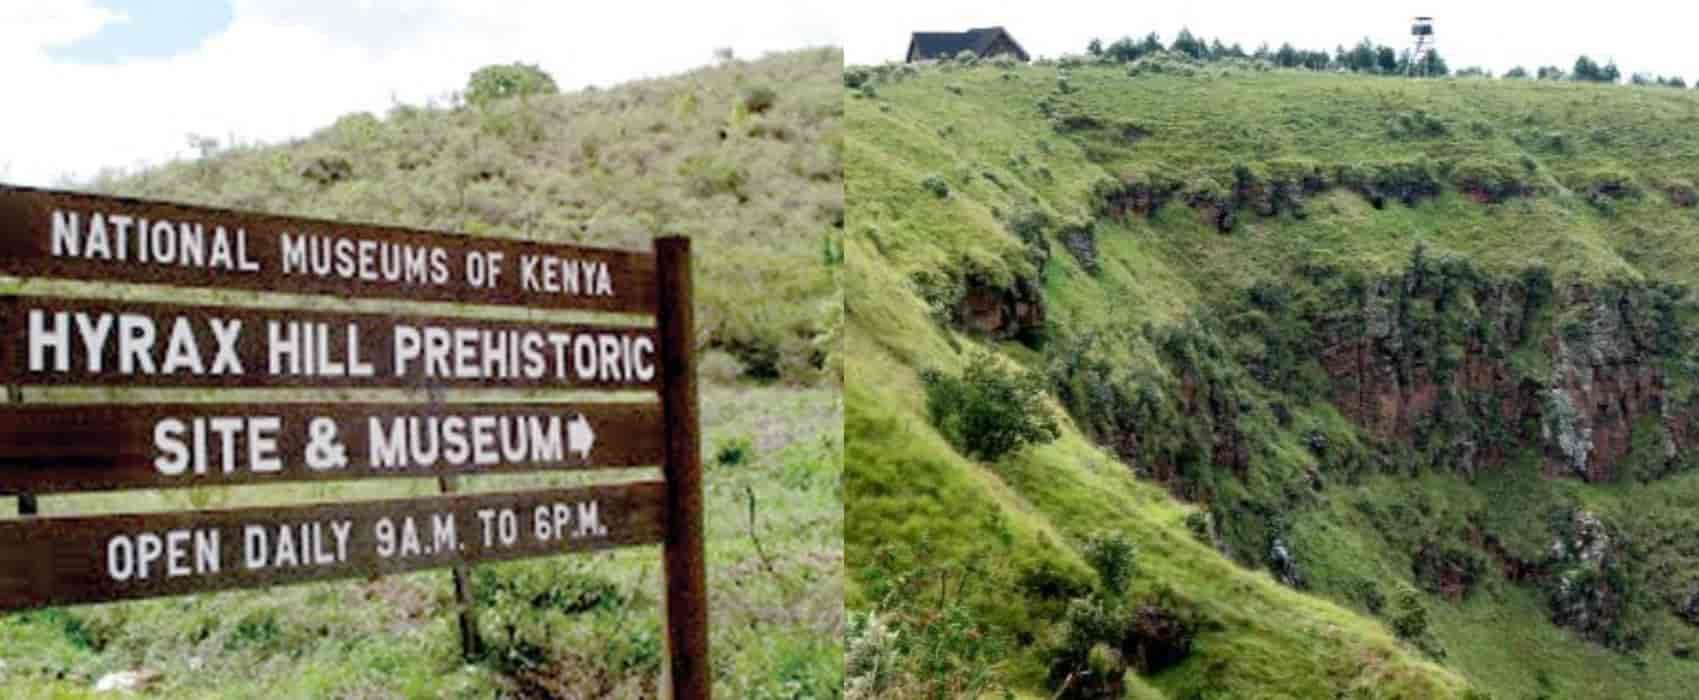 Hyrax Hill and Kariandusi - Attractions in Nakuru County